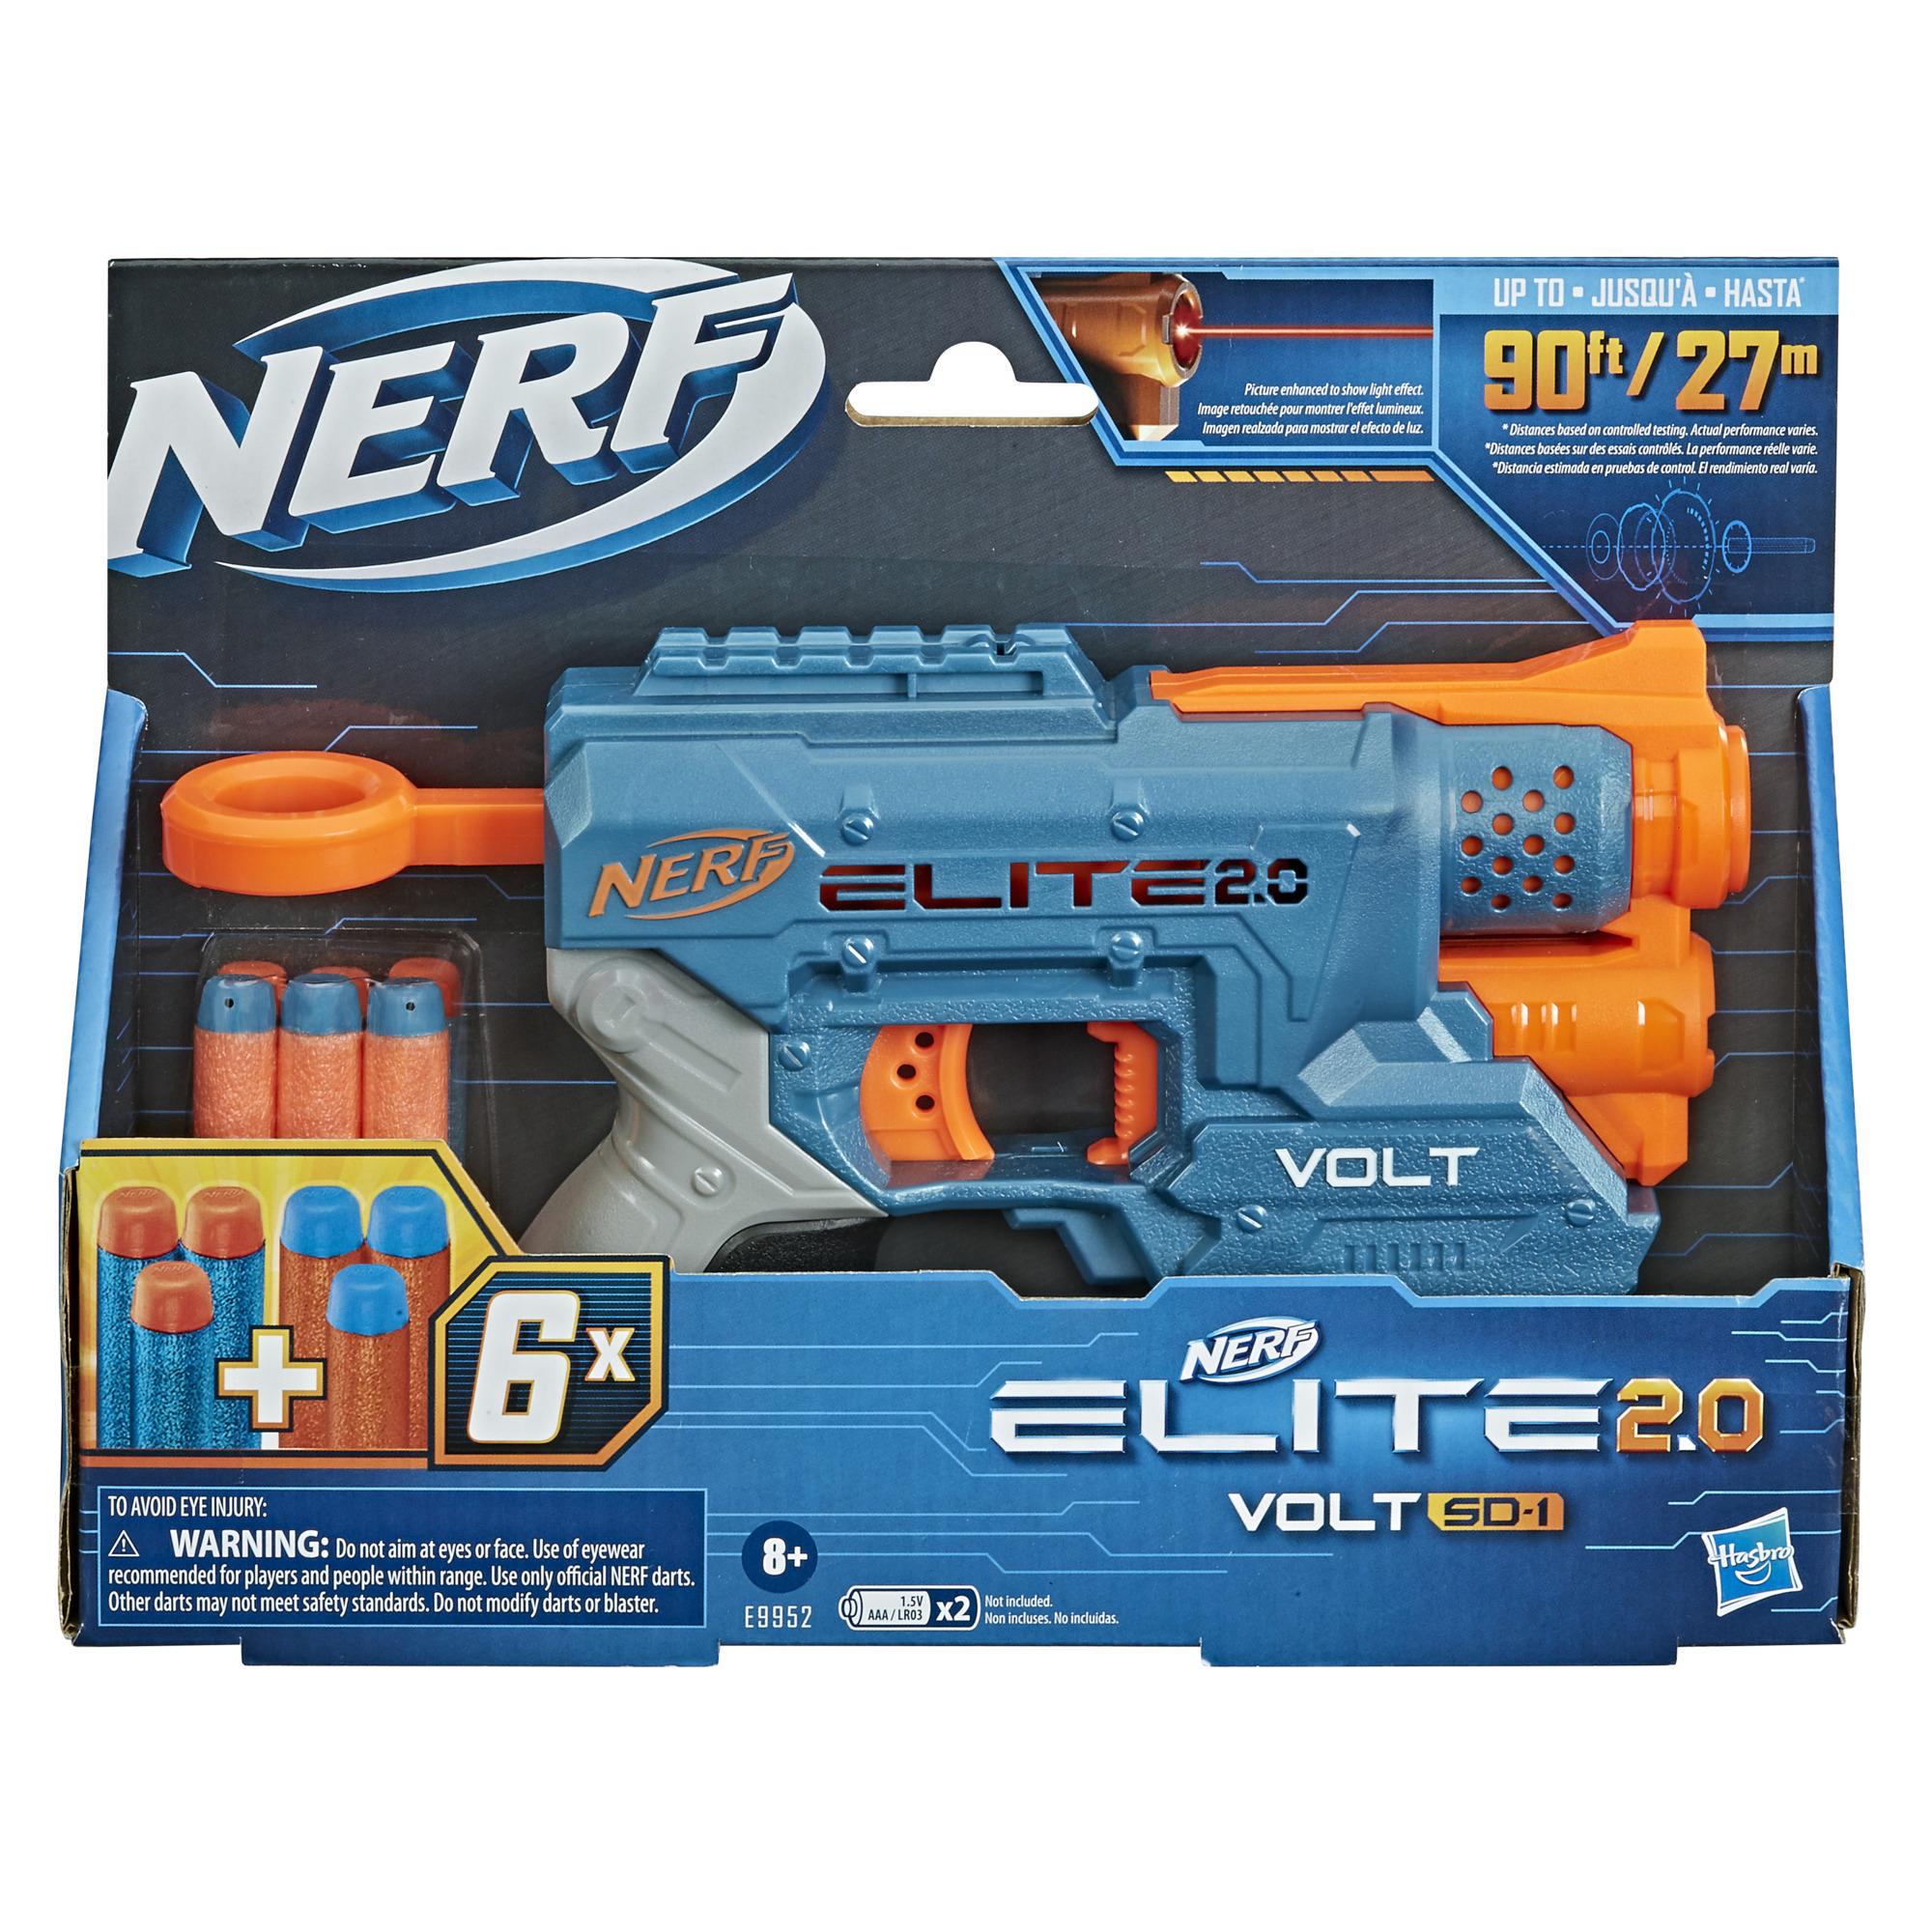 Nerf Elite 2.0 Volt SD-1 kilövő – 6eredeti Nerf lövedék, lézeres célzás, 2lövedék tárolása, 2taktikai sín